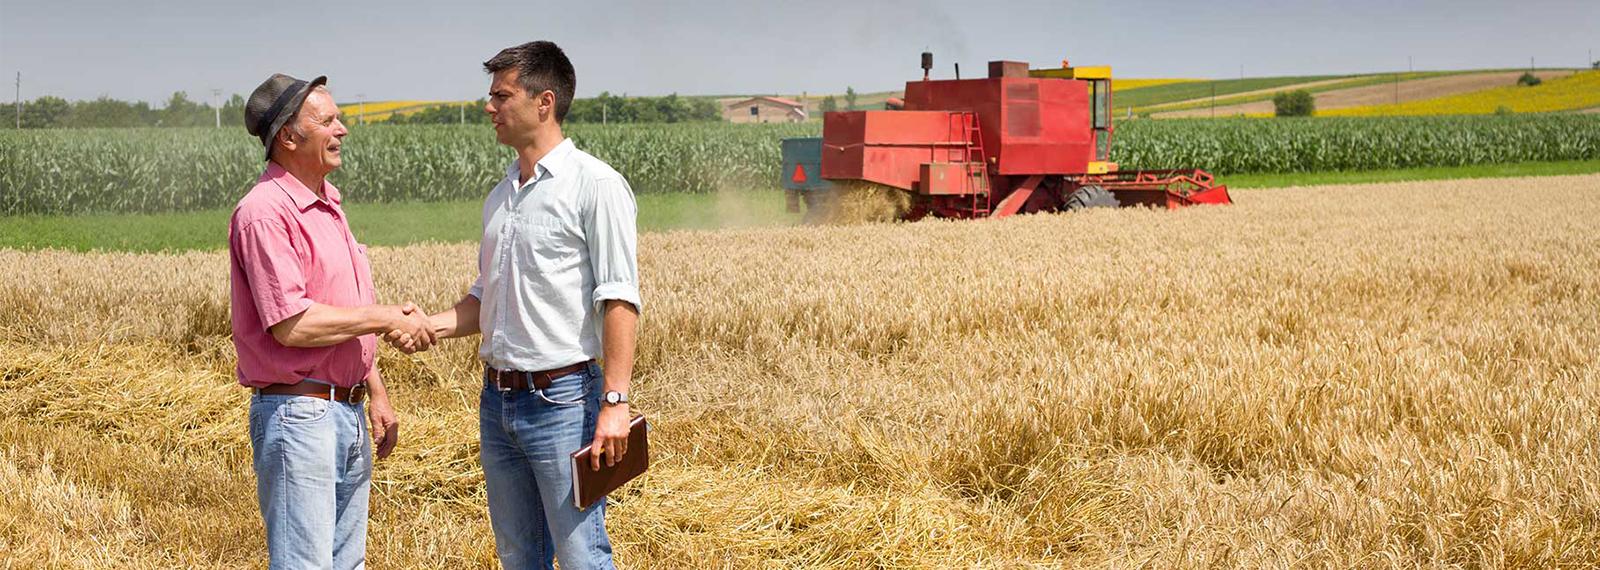 Course Image Lancement d'une entreprise agricole